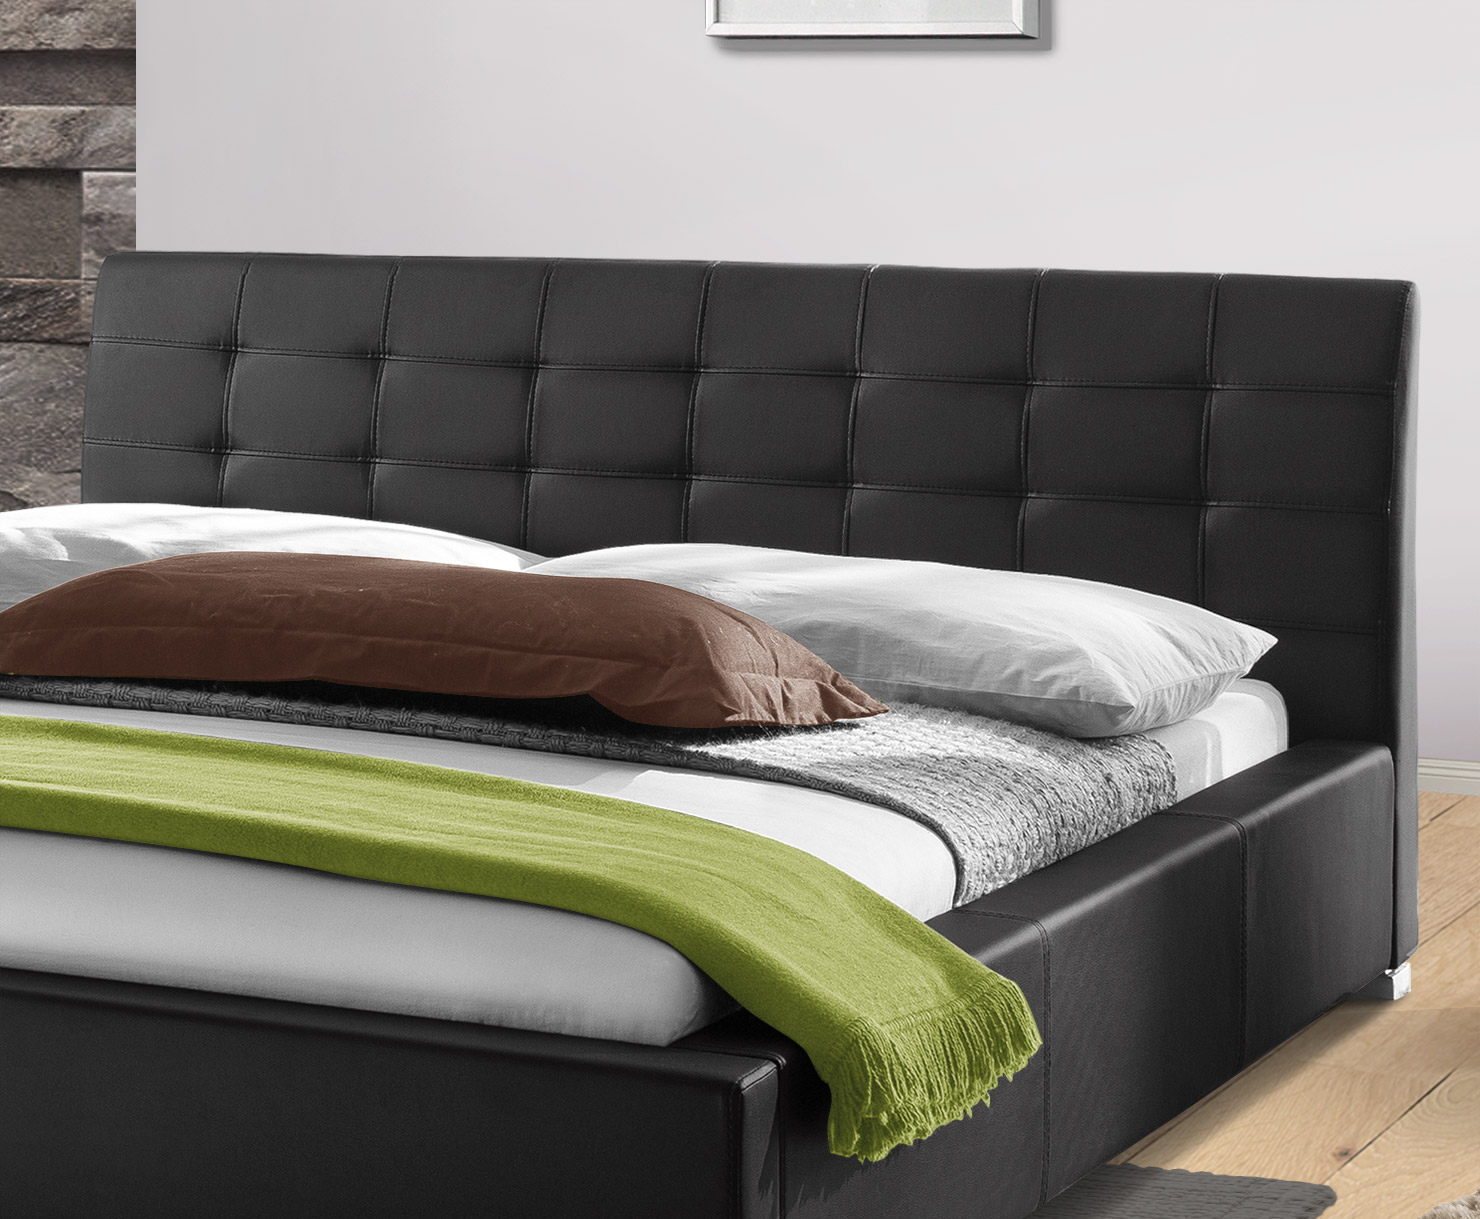 polsterbett mit hohem kopfteil stilvolle geschenk f r freund basteln bilder erindzain. Black Bedroom Furniture Sets. Home Design Ideas